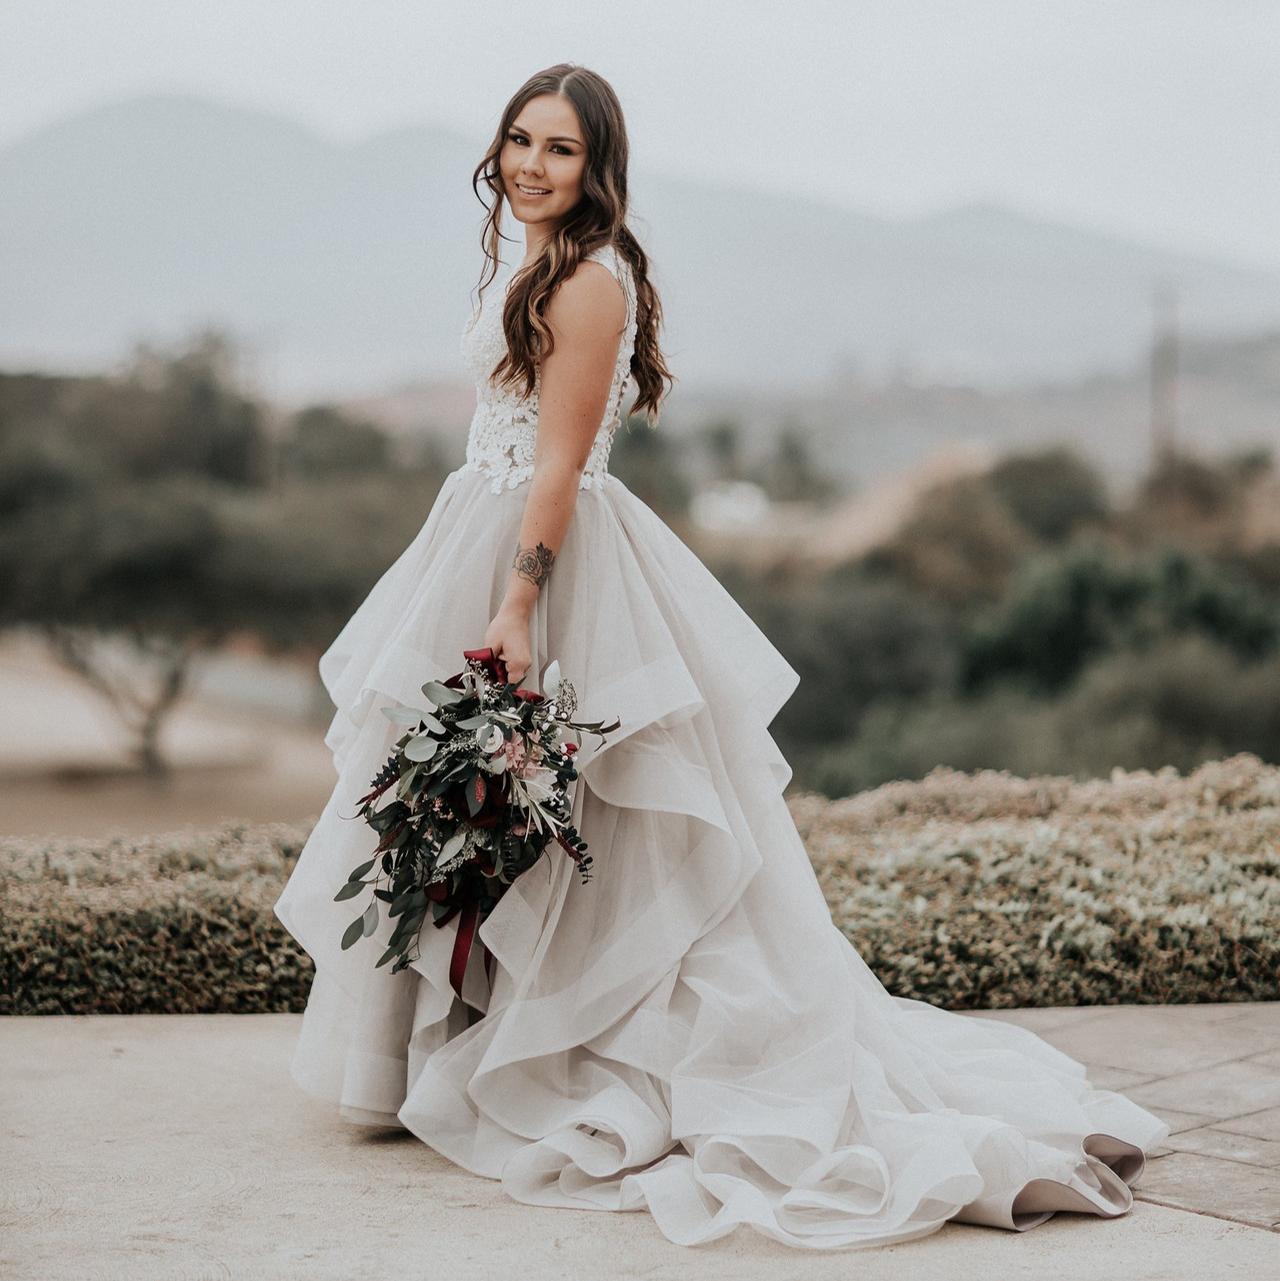 Wedding Dress Dior M1747z Dior Wedding Dresses Wedding